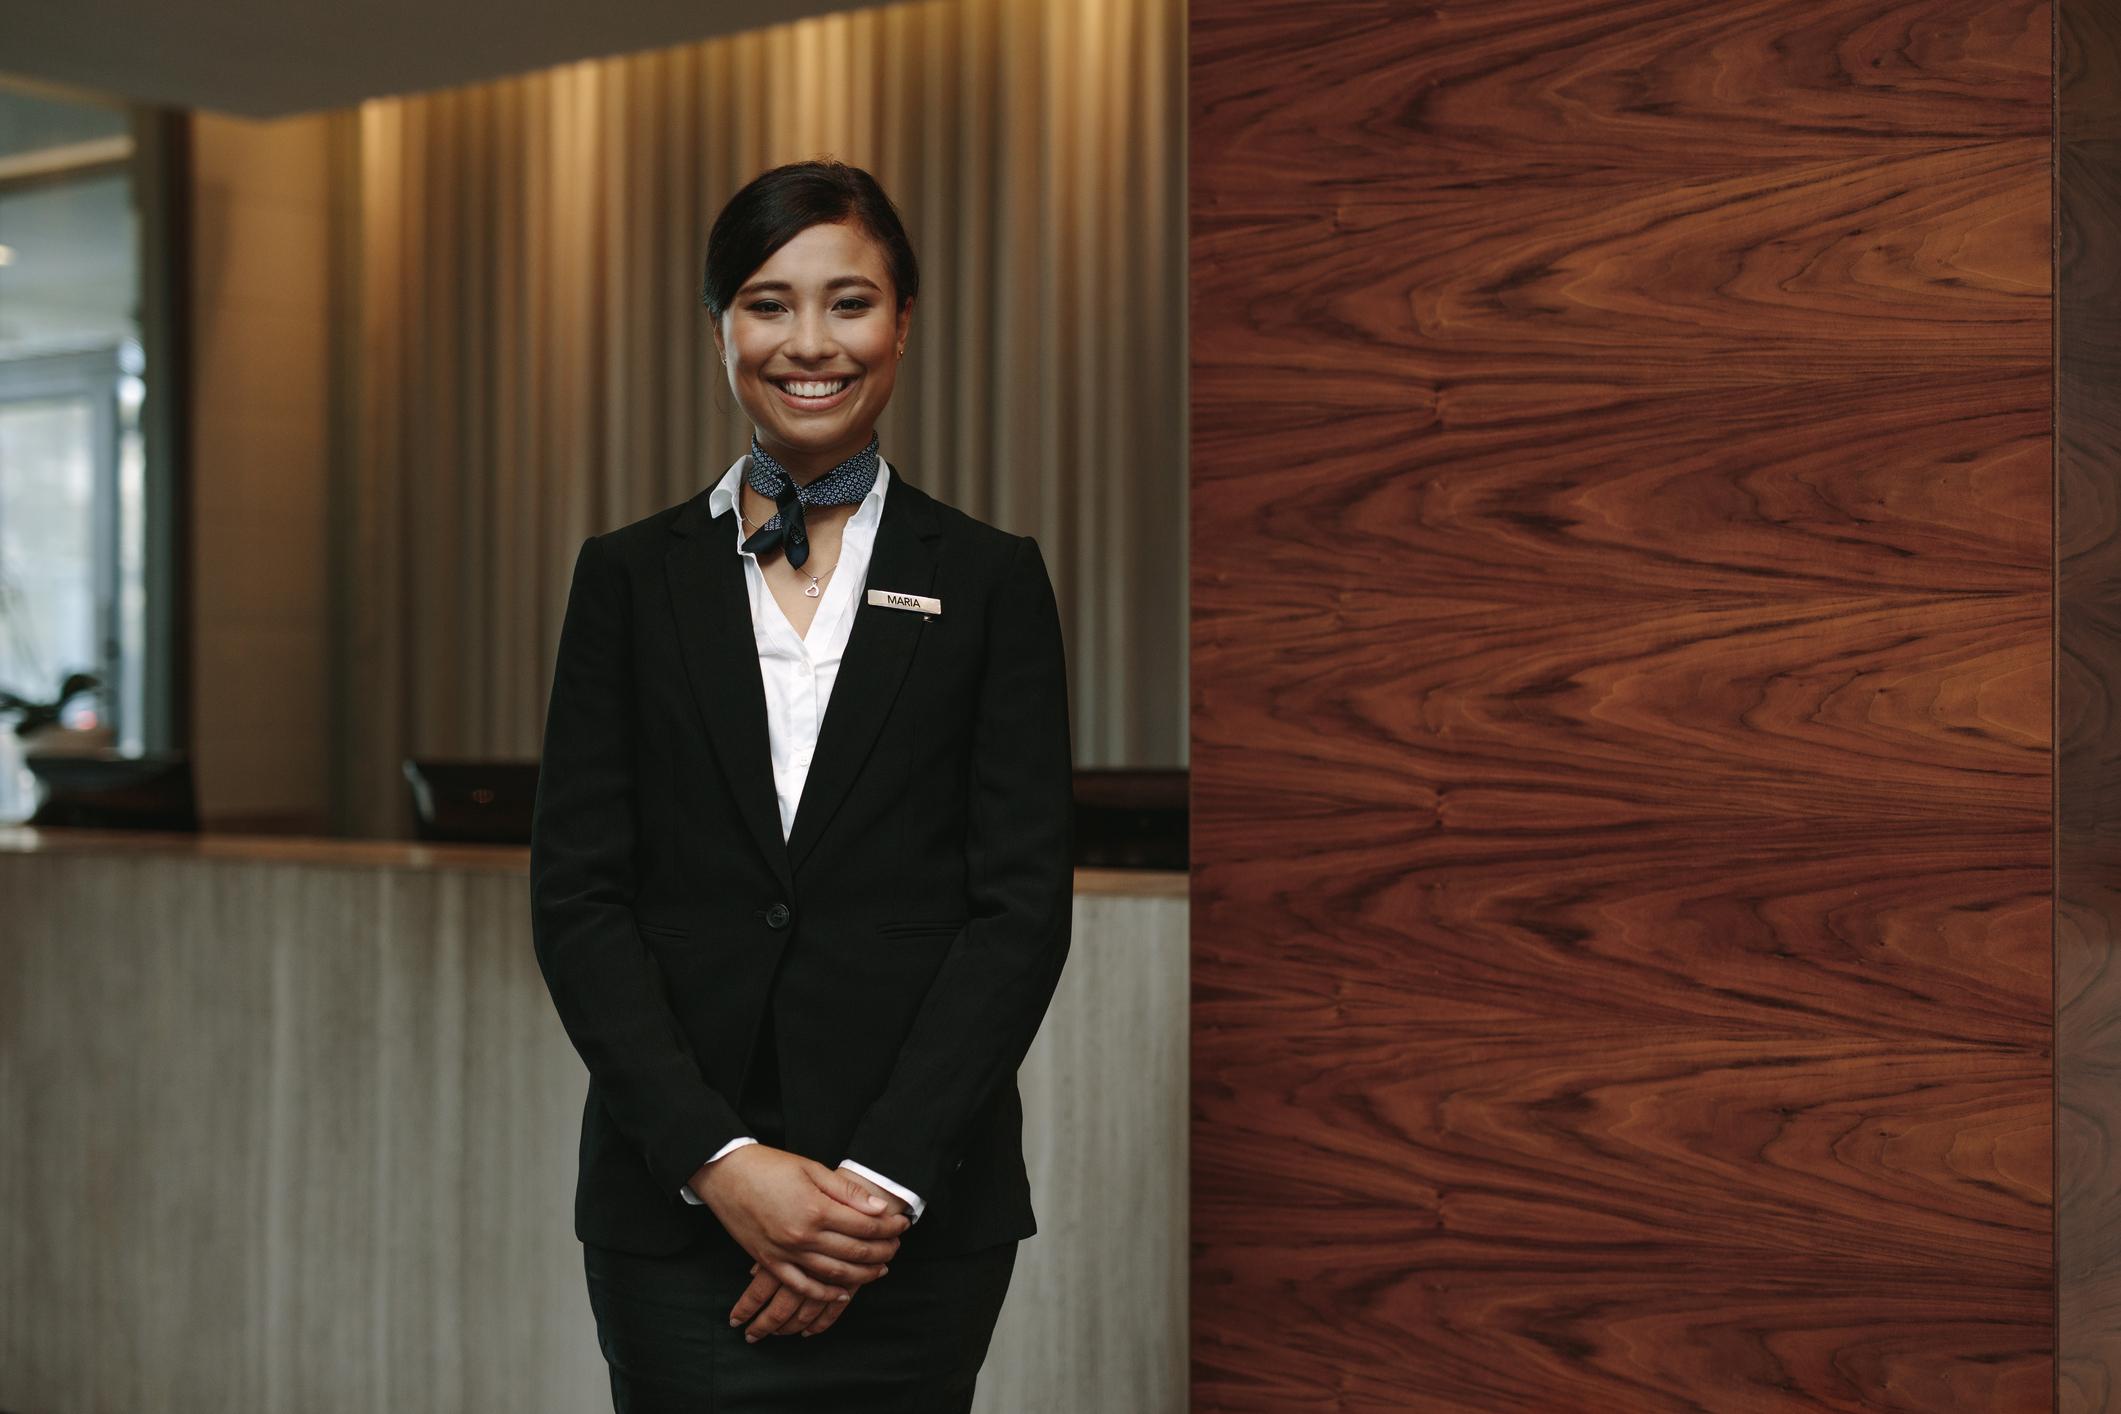 Gute Hotels bieten einen Concierge